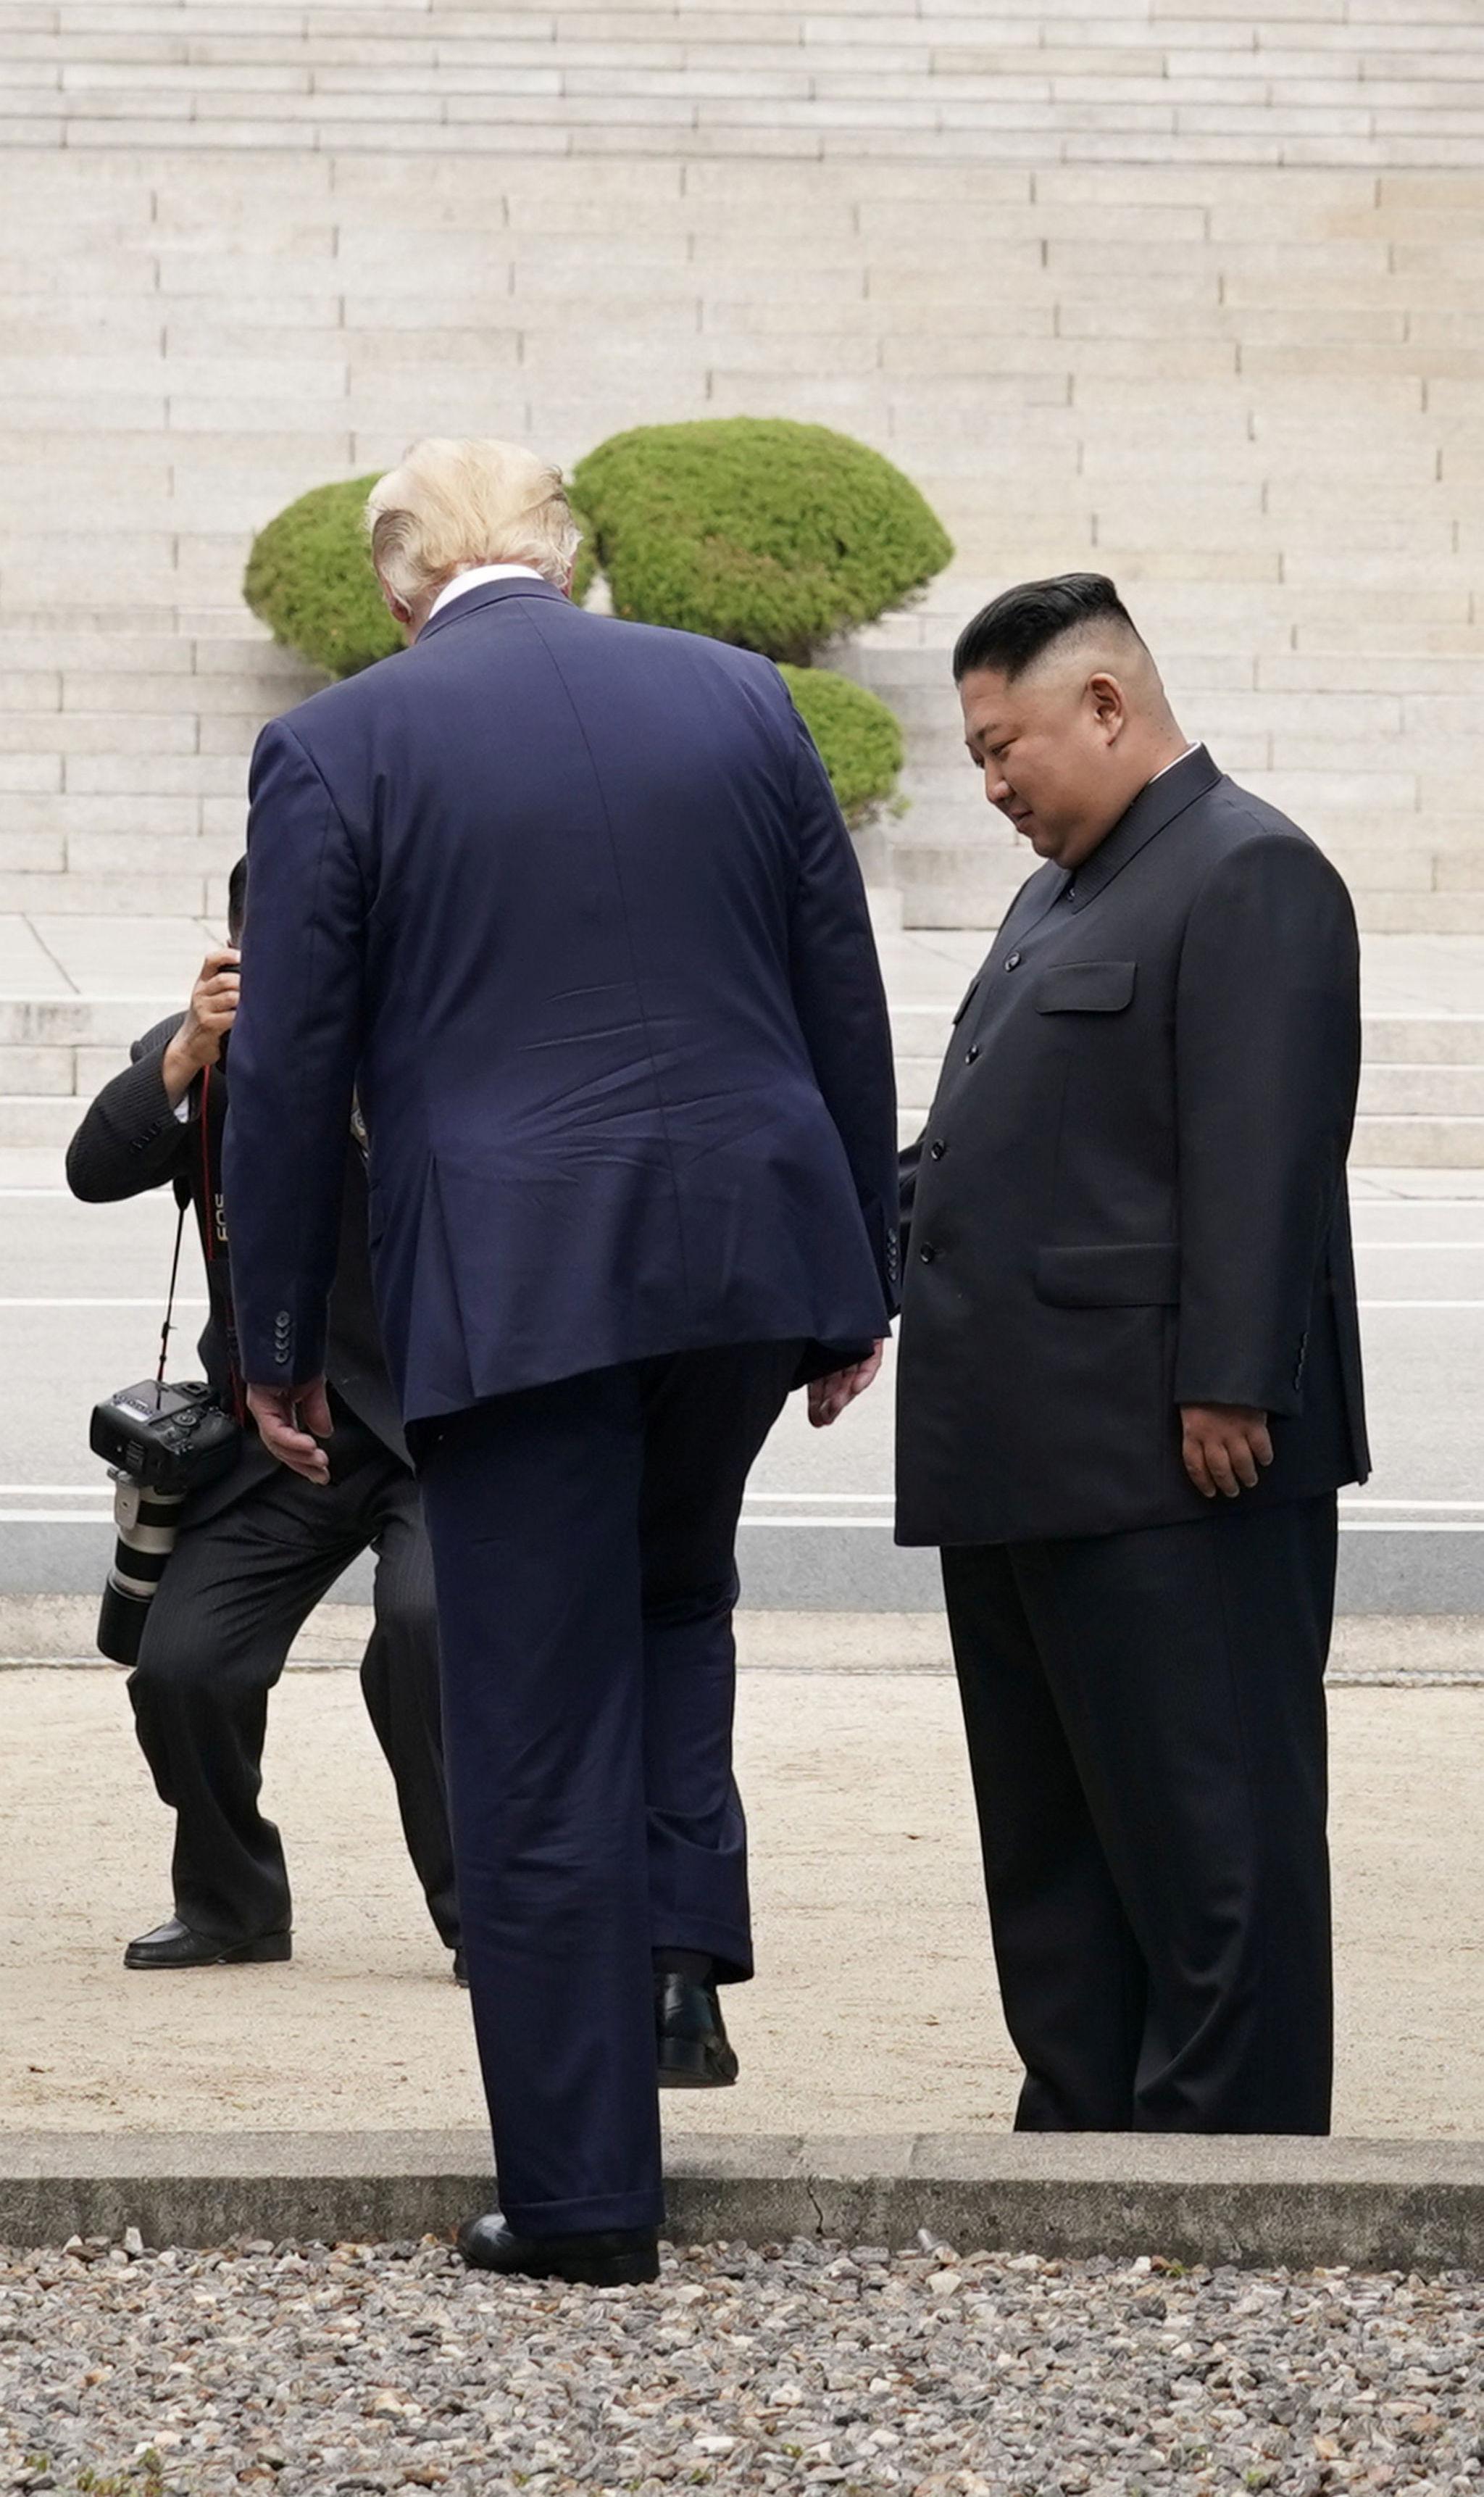 Trump'ın kısa süreliğine Kuzey Kore tarafına geçtiği an. Trump dün G20'deki konuşmasında bu adımı atmaktan rahatsızlık duymayacağını söylemişti.